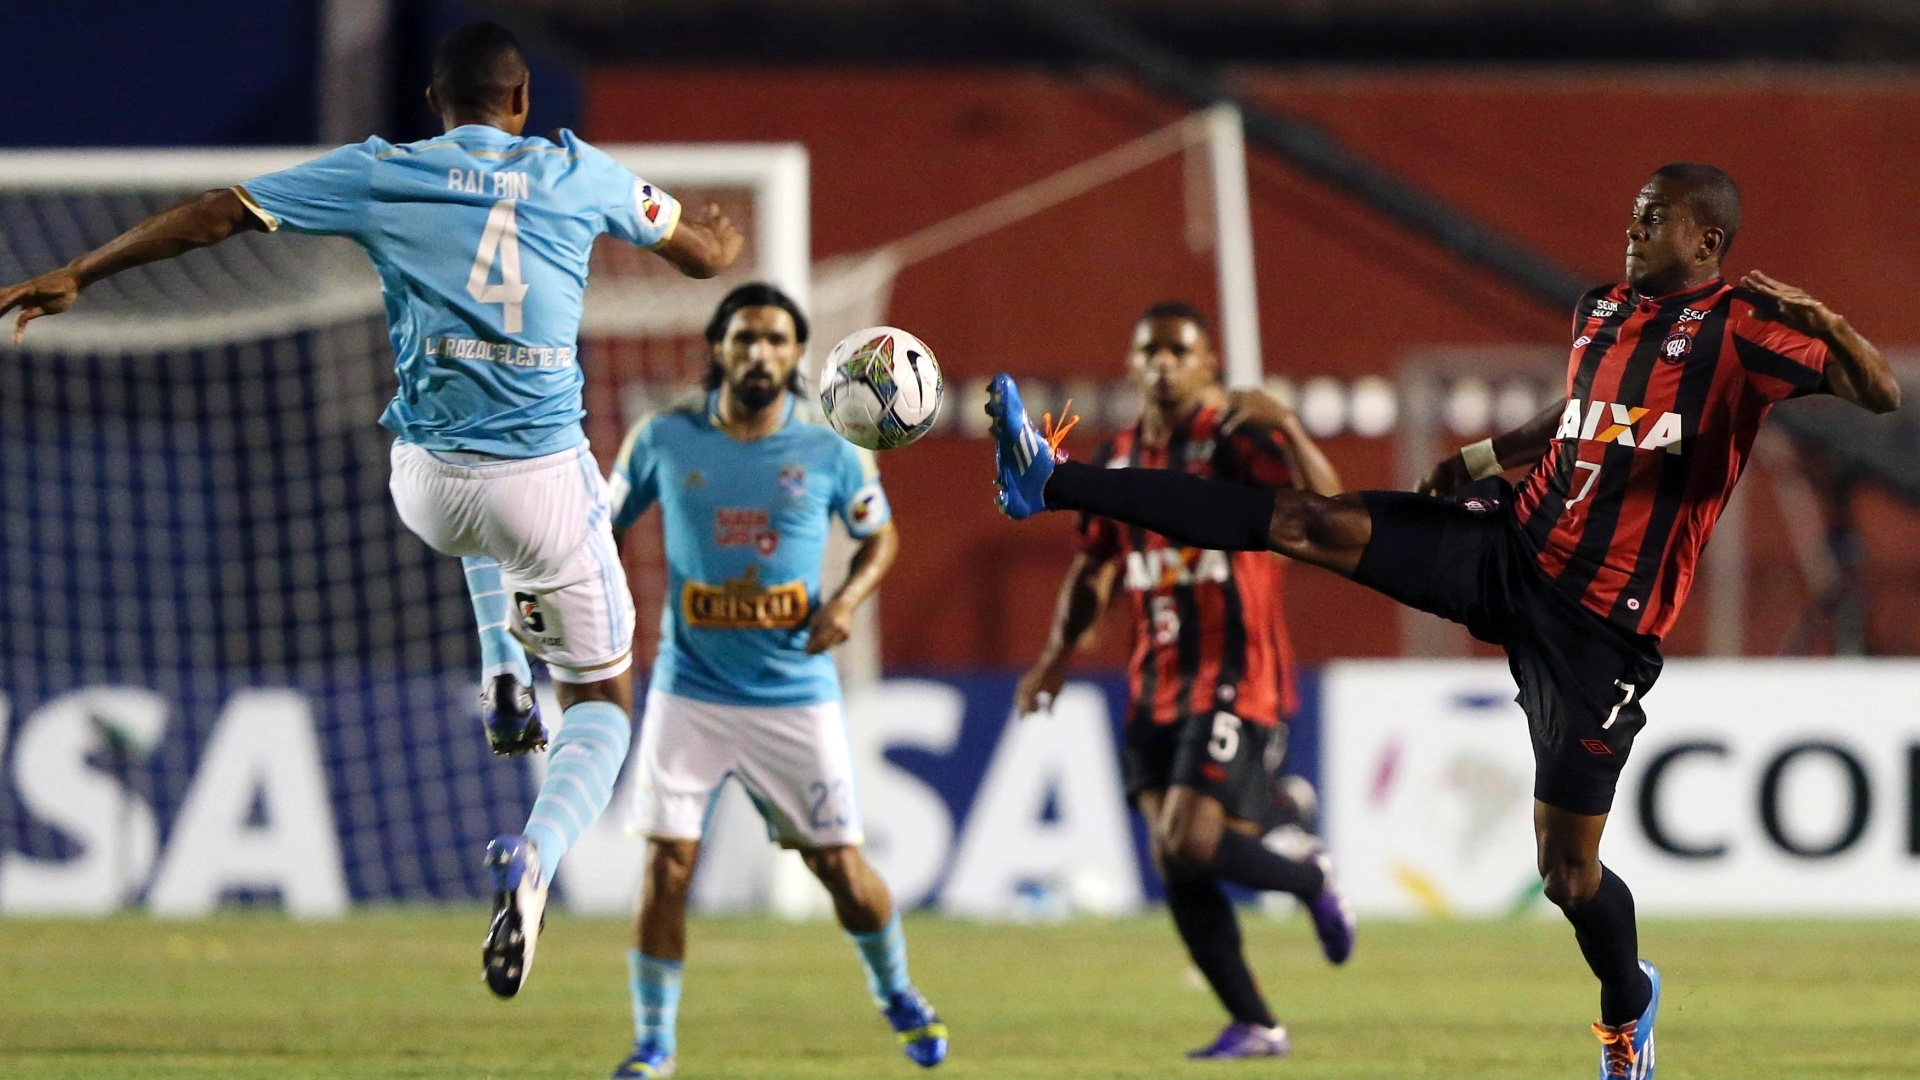 5.fev.2014 - Marcelo Cirino e Adan Balbin protagonizam forte disputam de bola durante partida entre Atlético-PR e Sporting Cristal